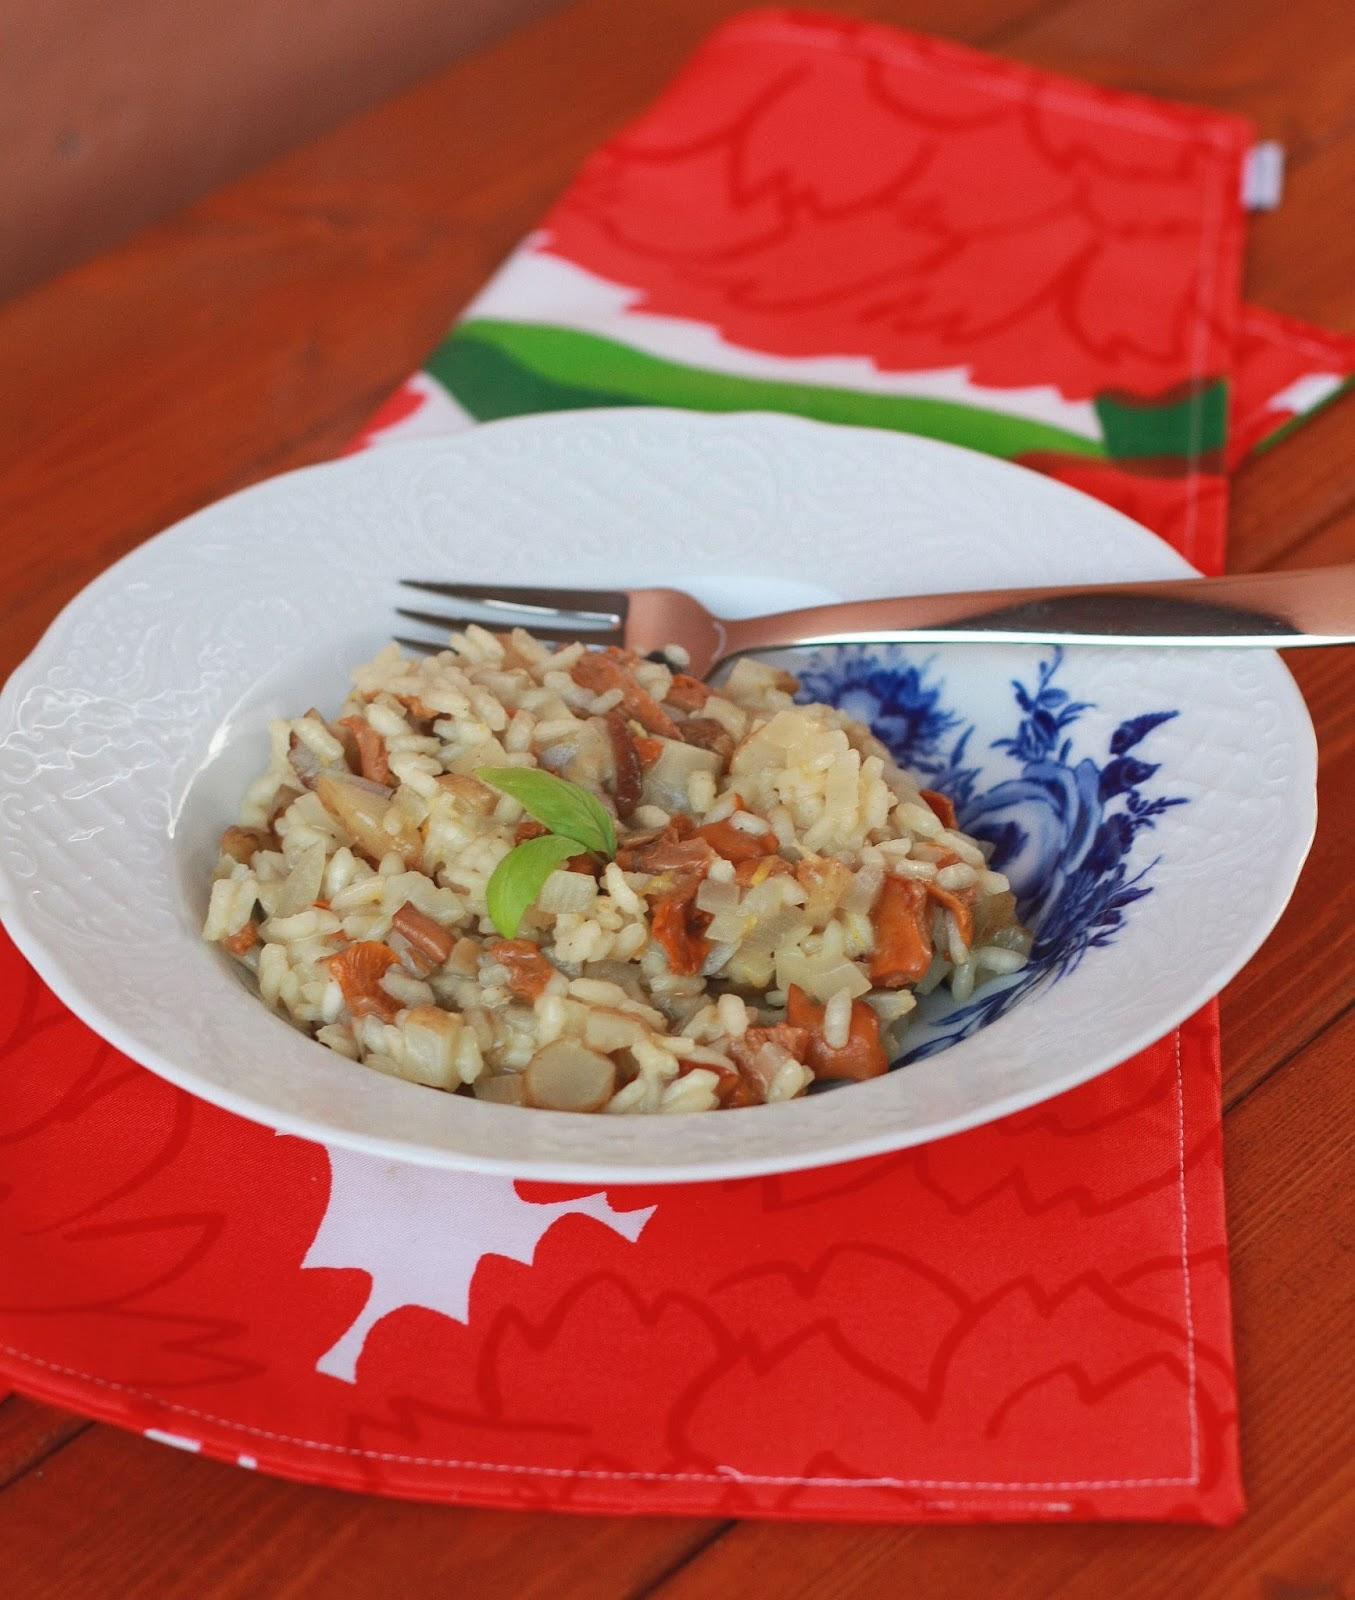 maa-artisokka-kantarellirisotto maa-artisokka kantarelli risotto resepti mallaspulla